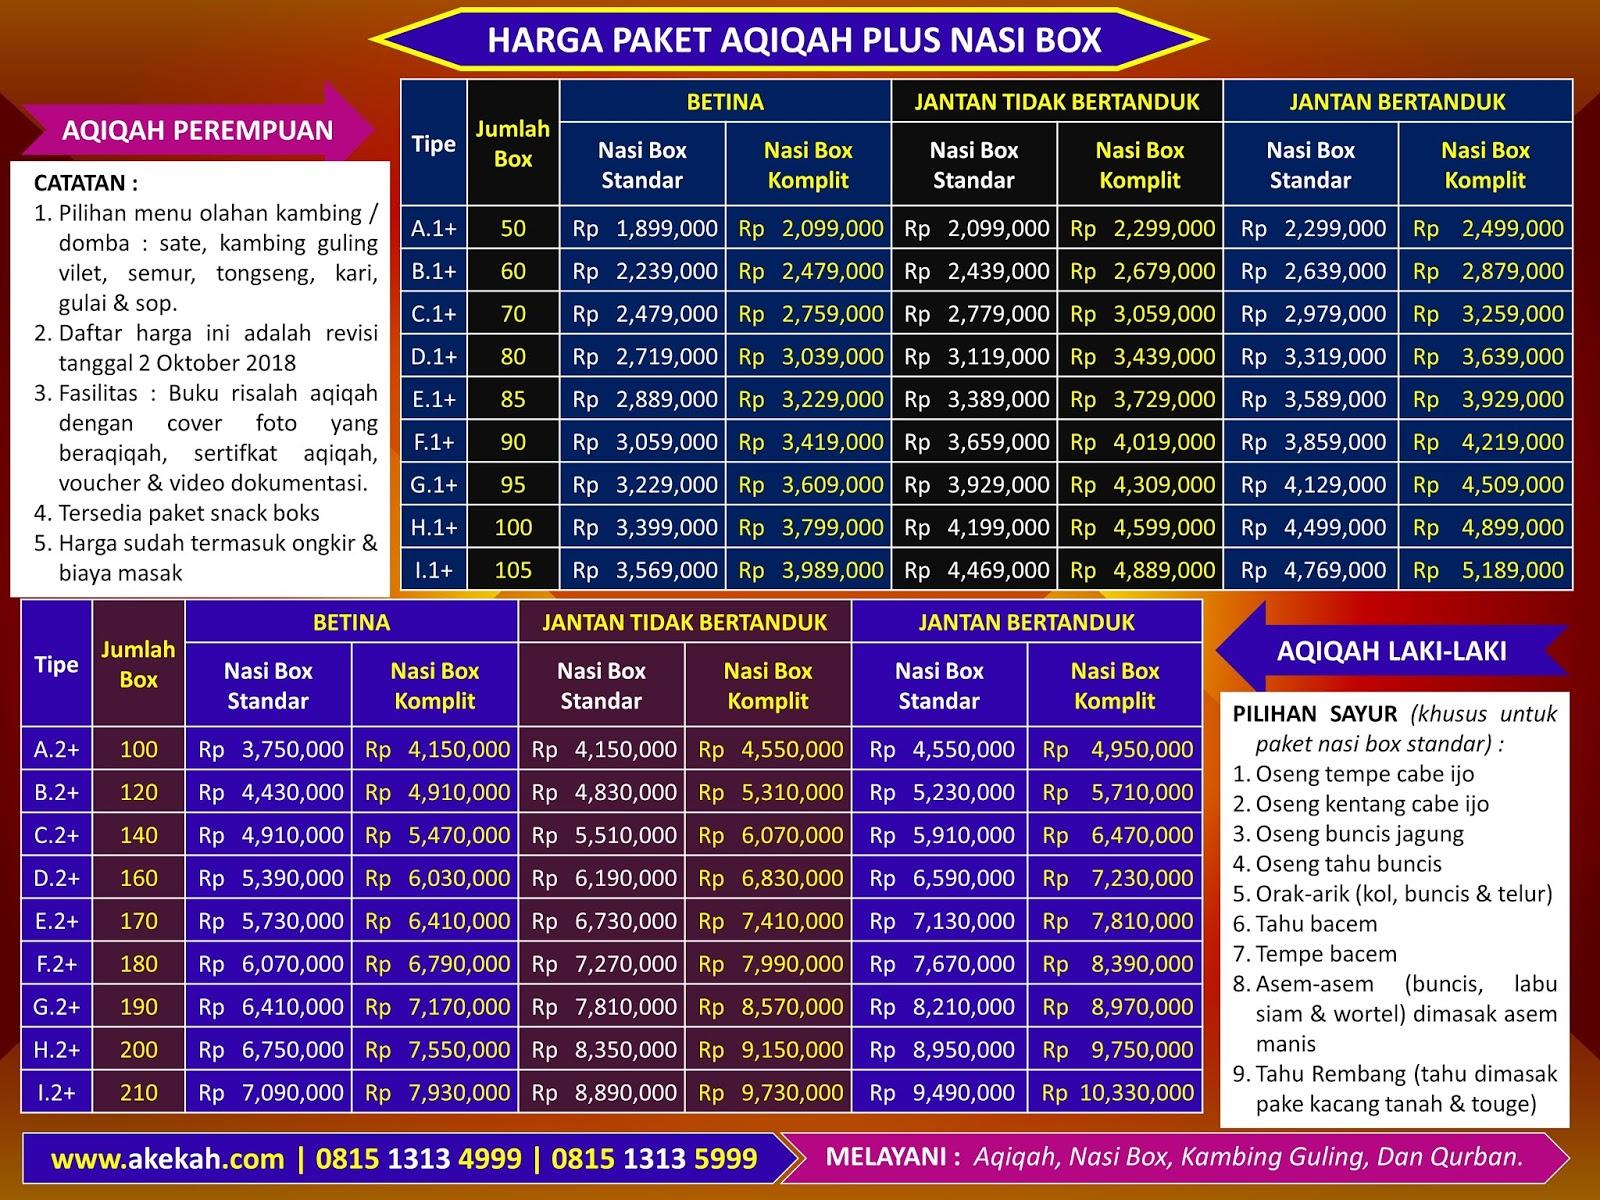 Kambing Akikah Dan Catering Plus Untuk Perempuan Kabupaten Bogor